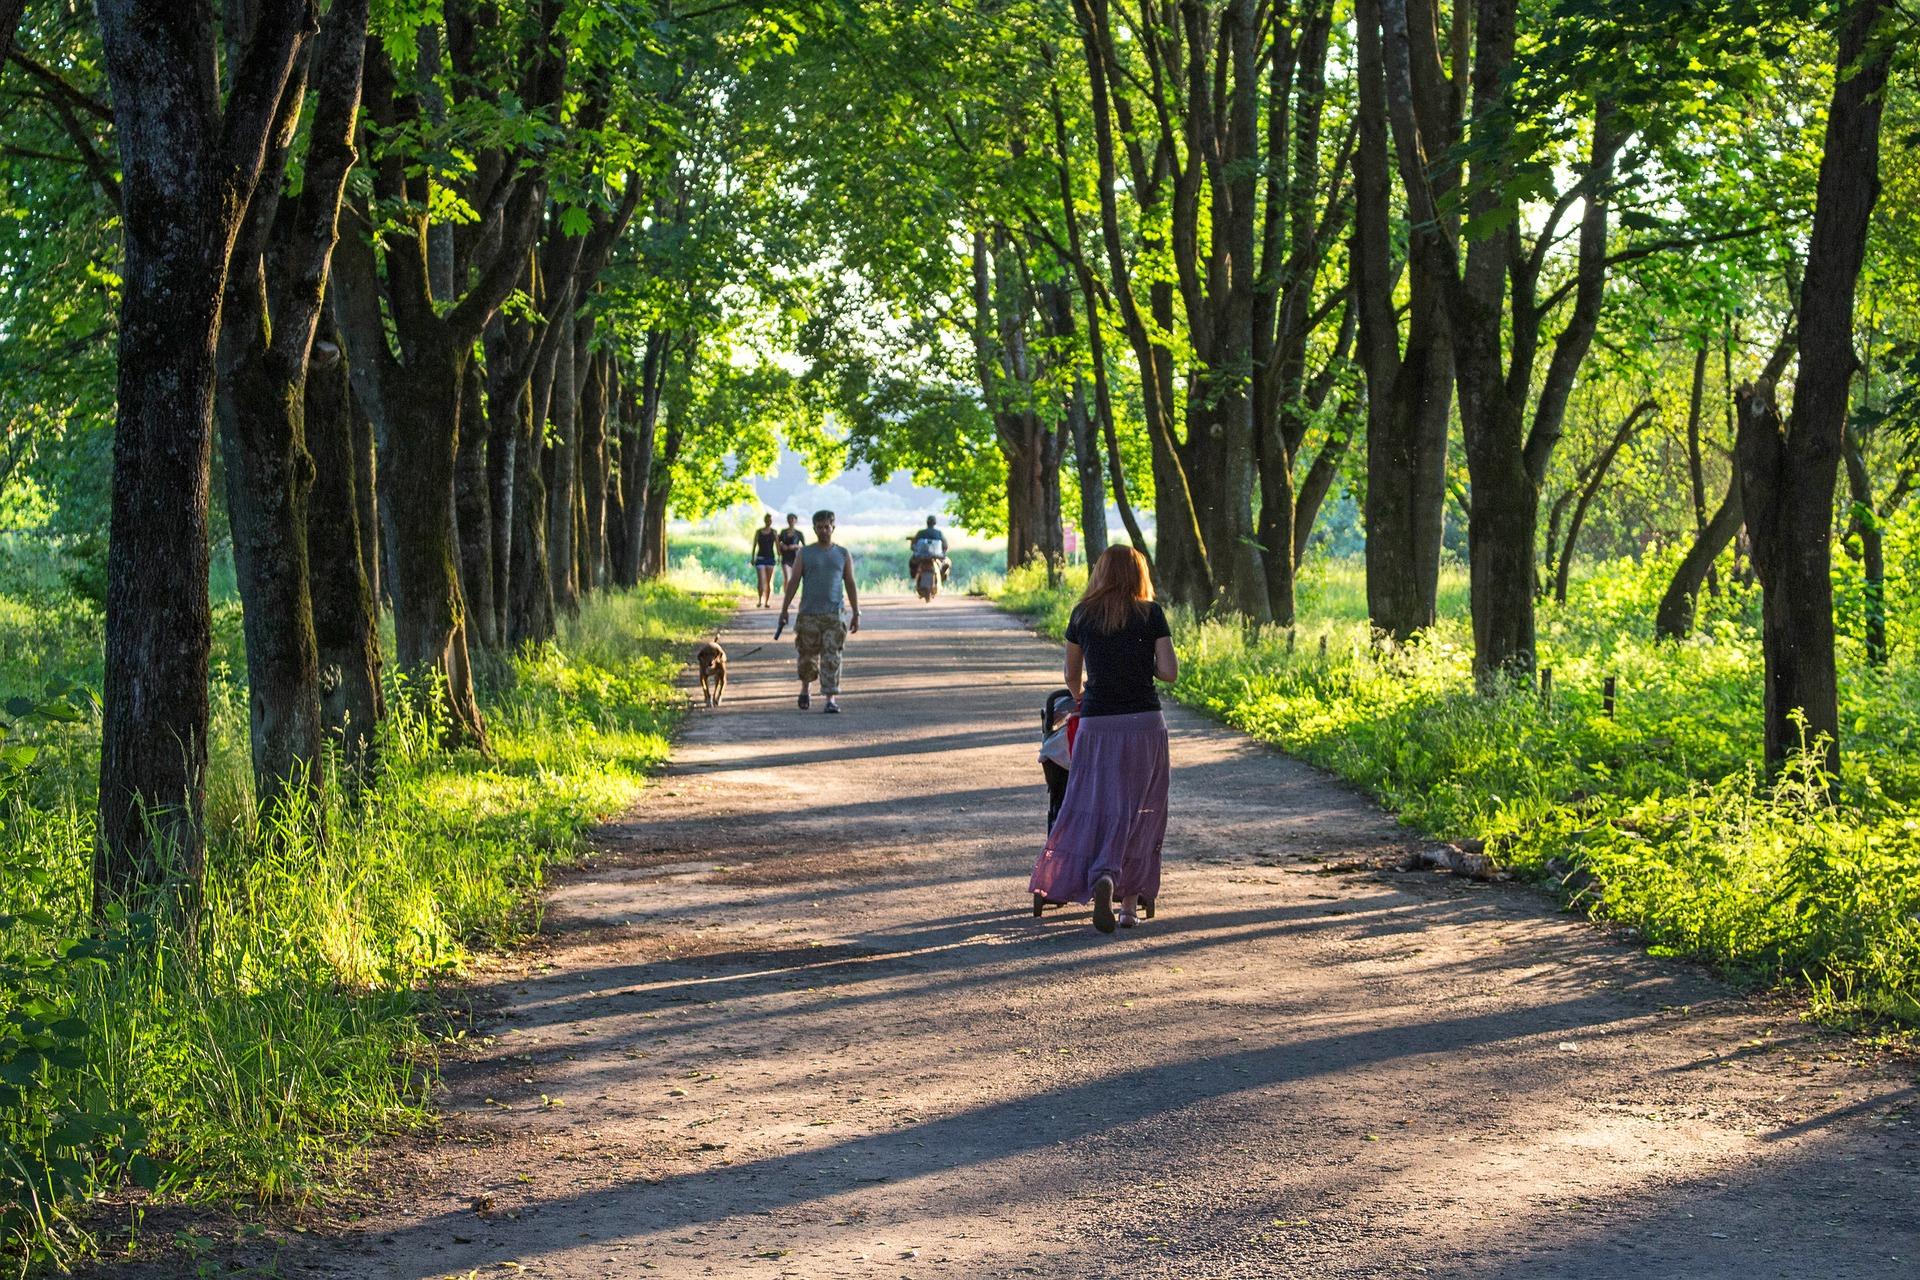 U Svjatošynśkomu lisoparku vysadjať pivmiľjona derev